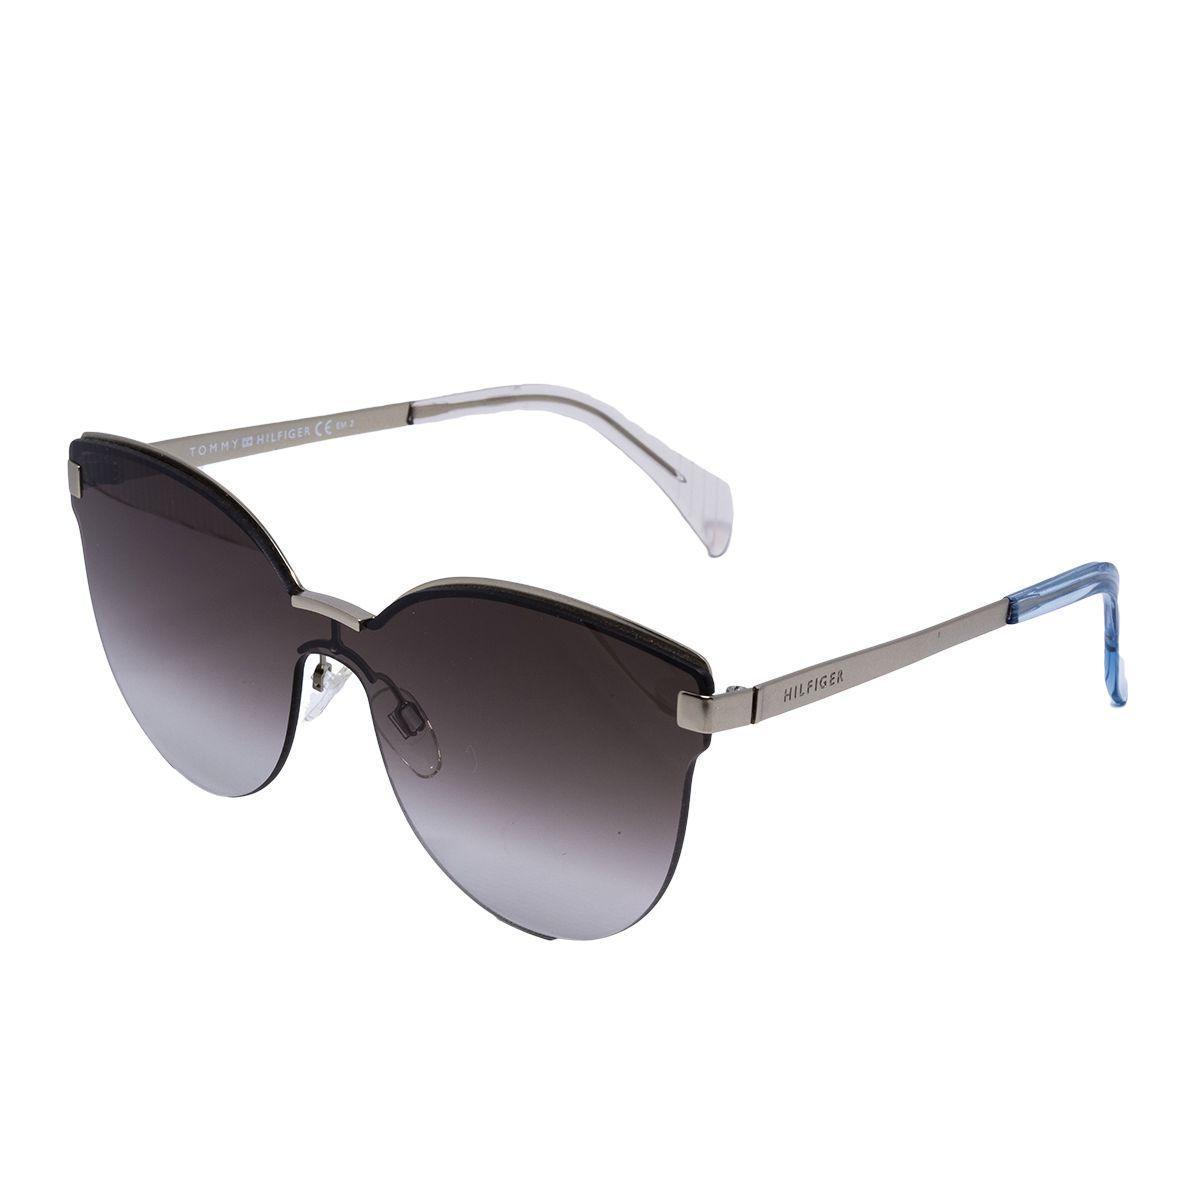 81fd42fe88228 Óculos de Sol Tommy Hilfiger Blaze Feminino TH1378 S - Metal e Lente Marrom  Degradê Produto não disponível